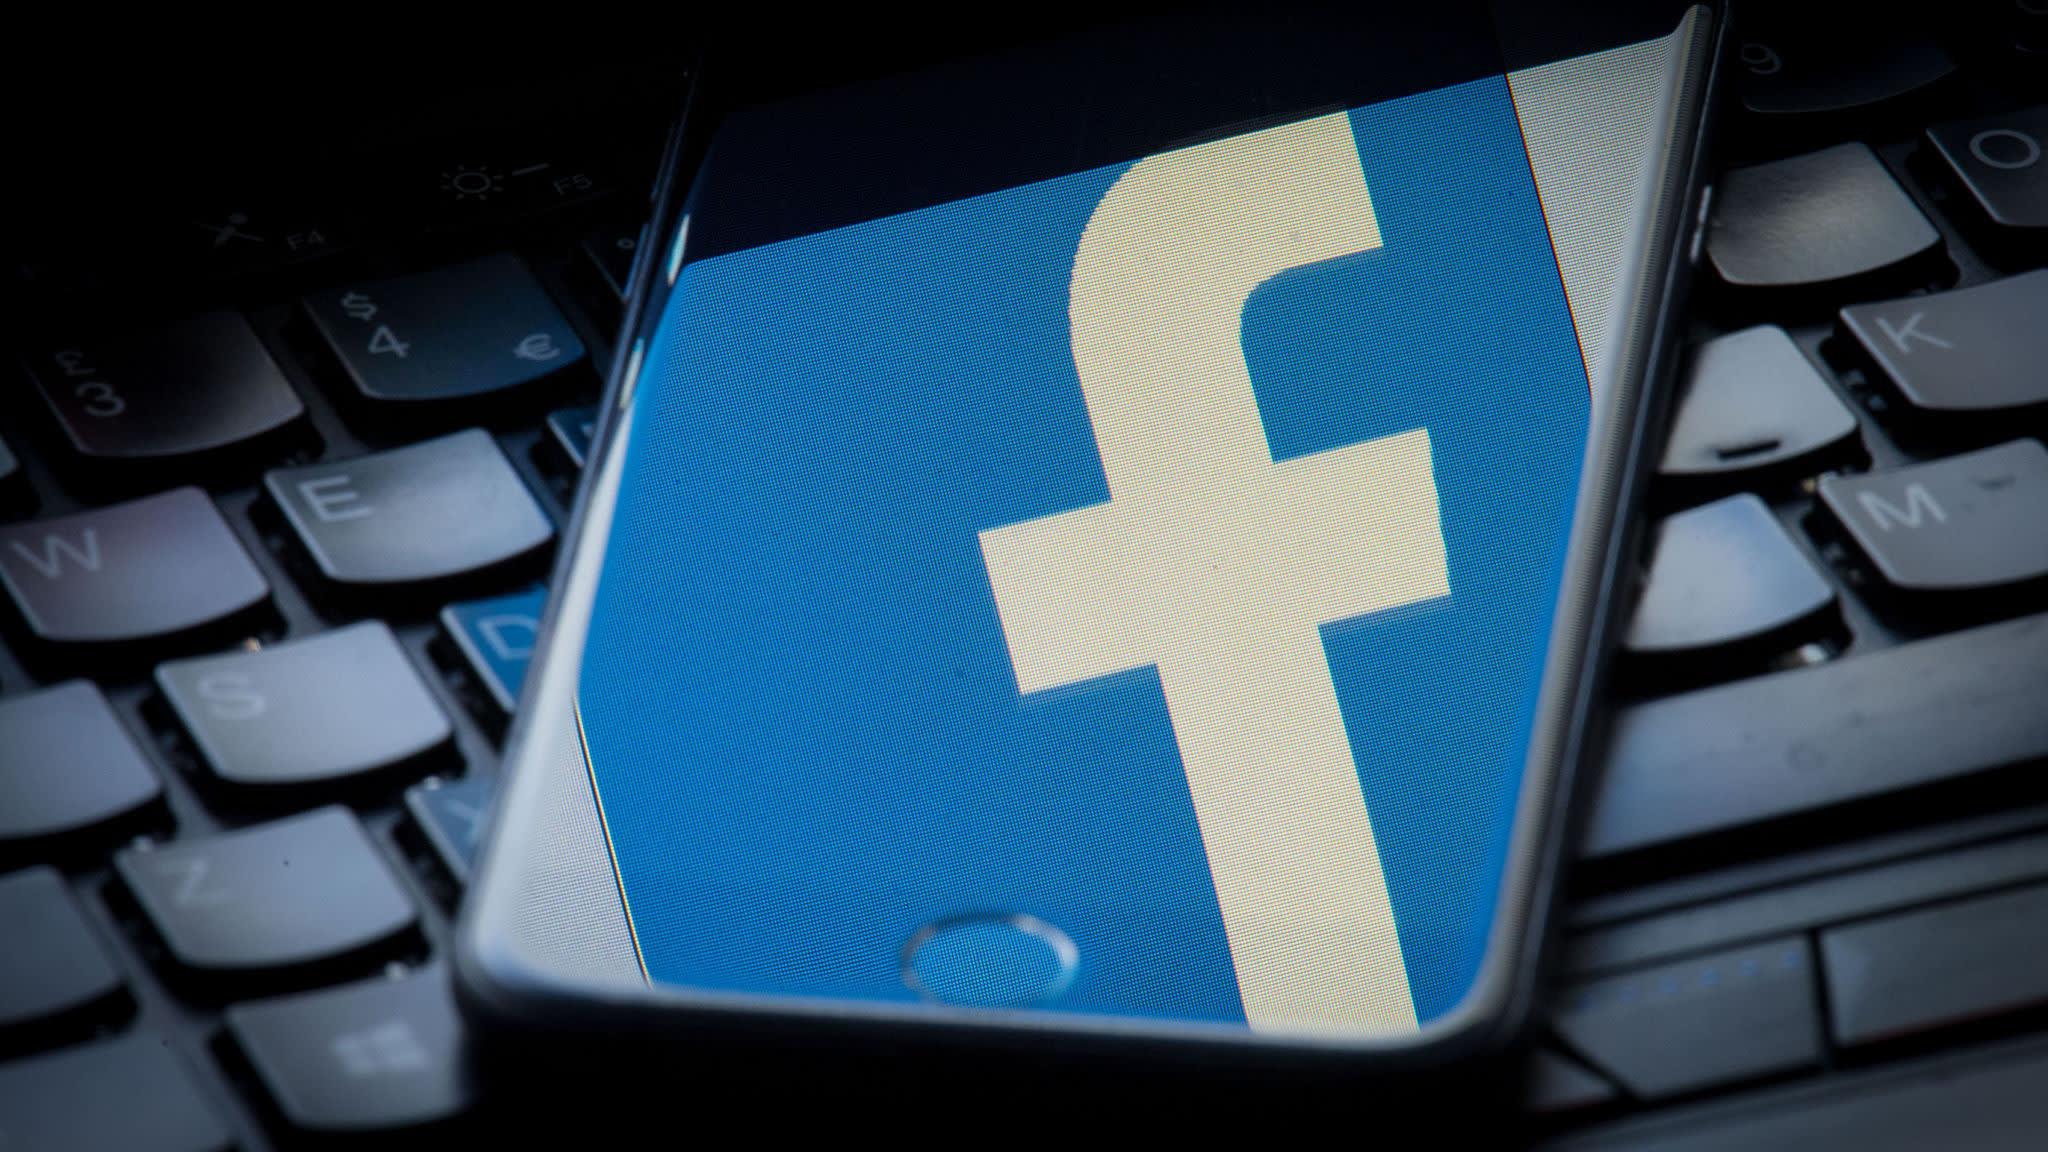 Global MPs threaten tougher regulation of Facebook